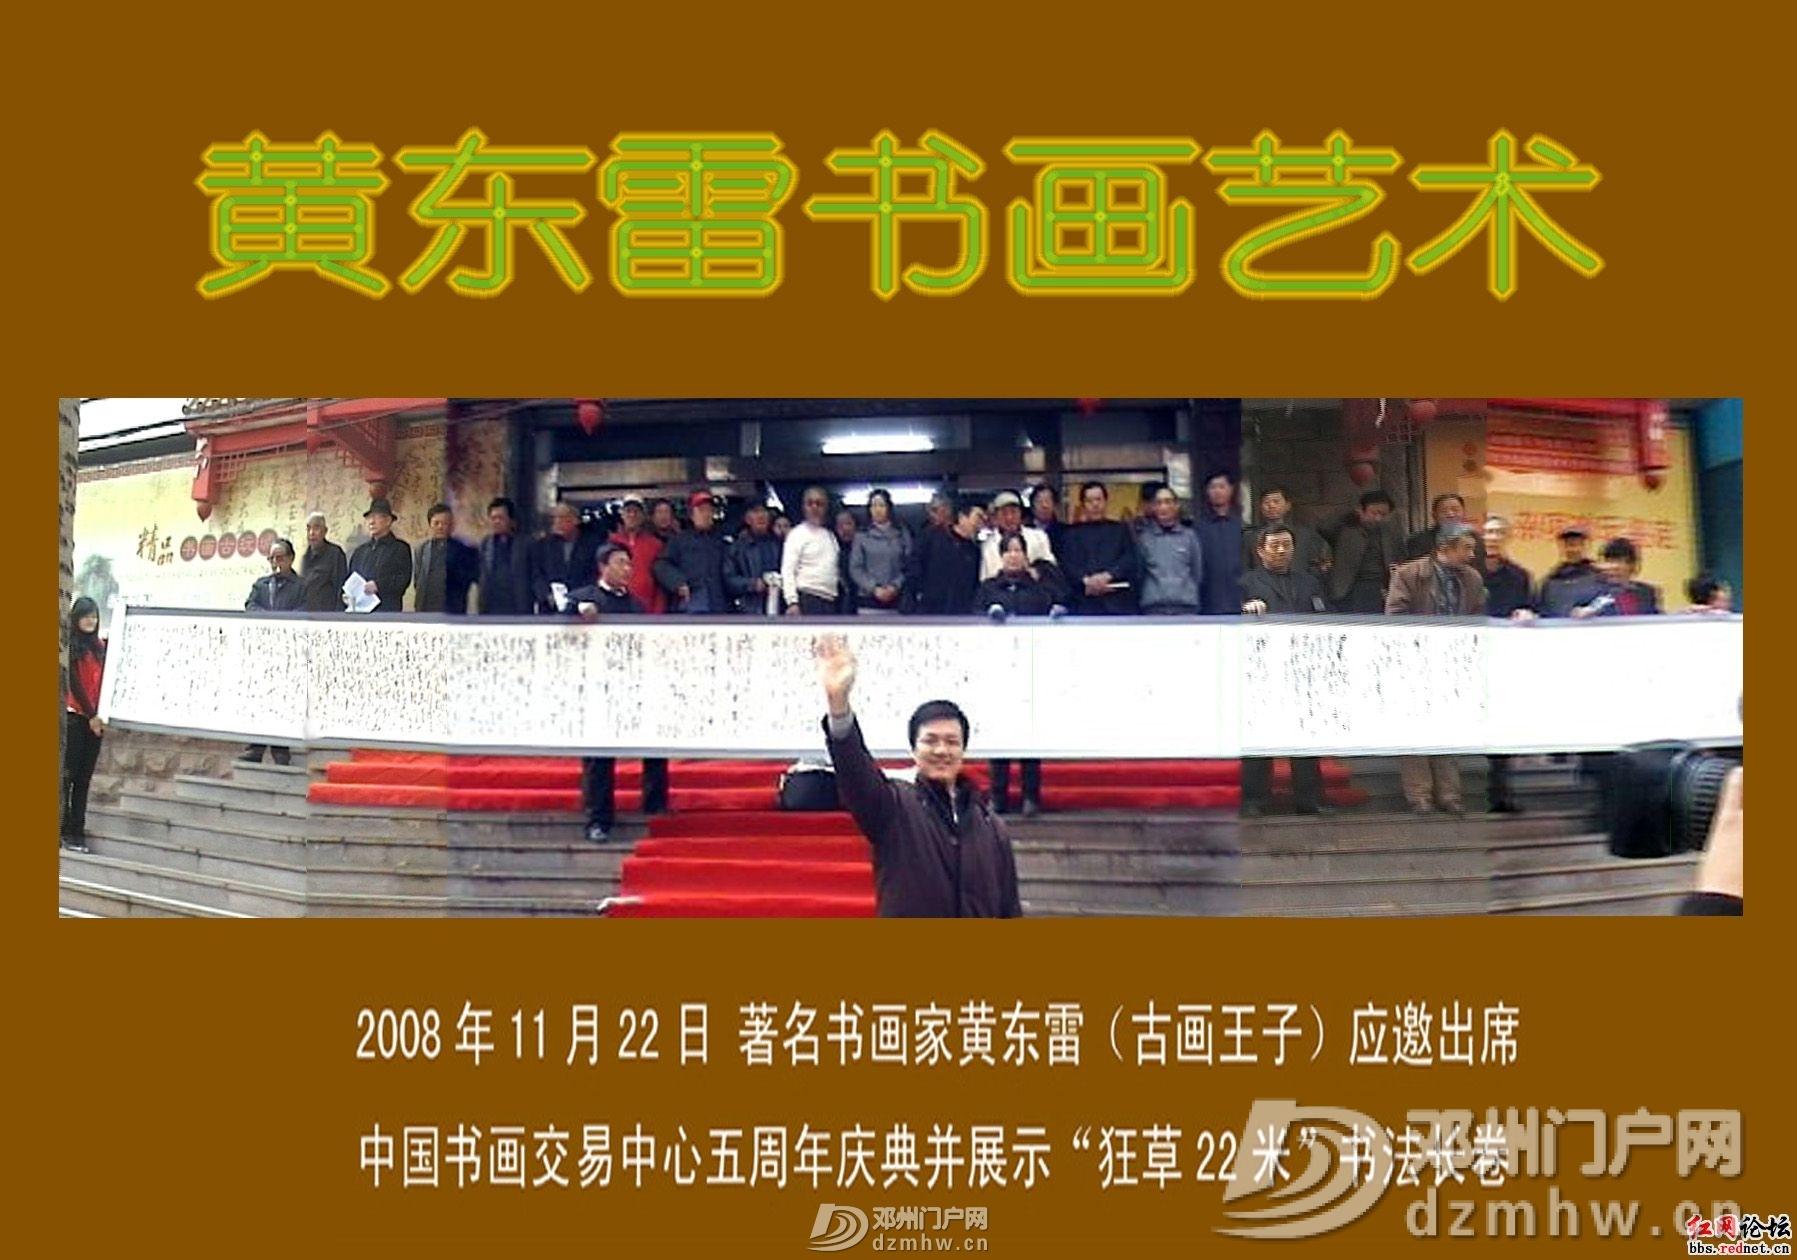 黄东雷的古典风格工笔人物画 - 邓州门户网|邓州网 - 黄东雷 狂草22米-8.jpg